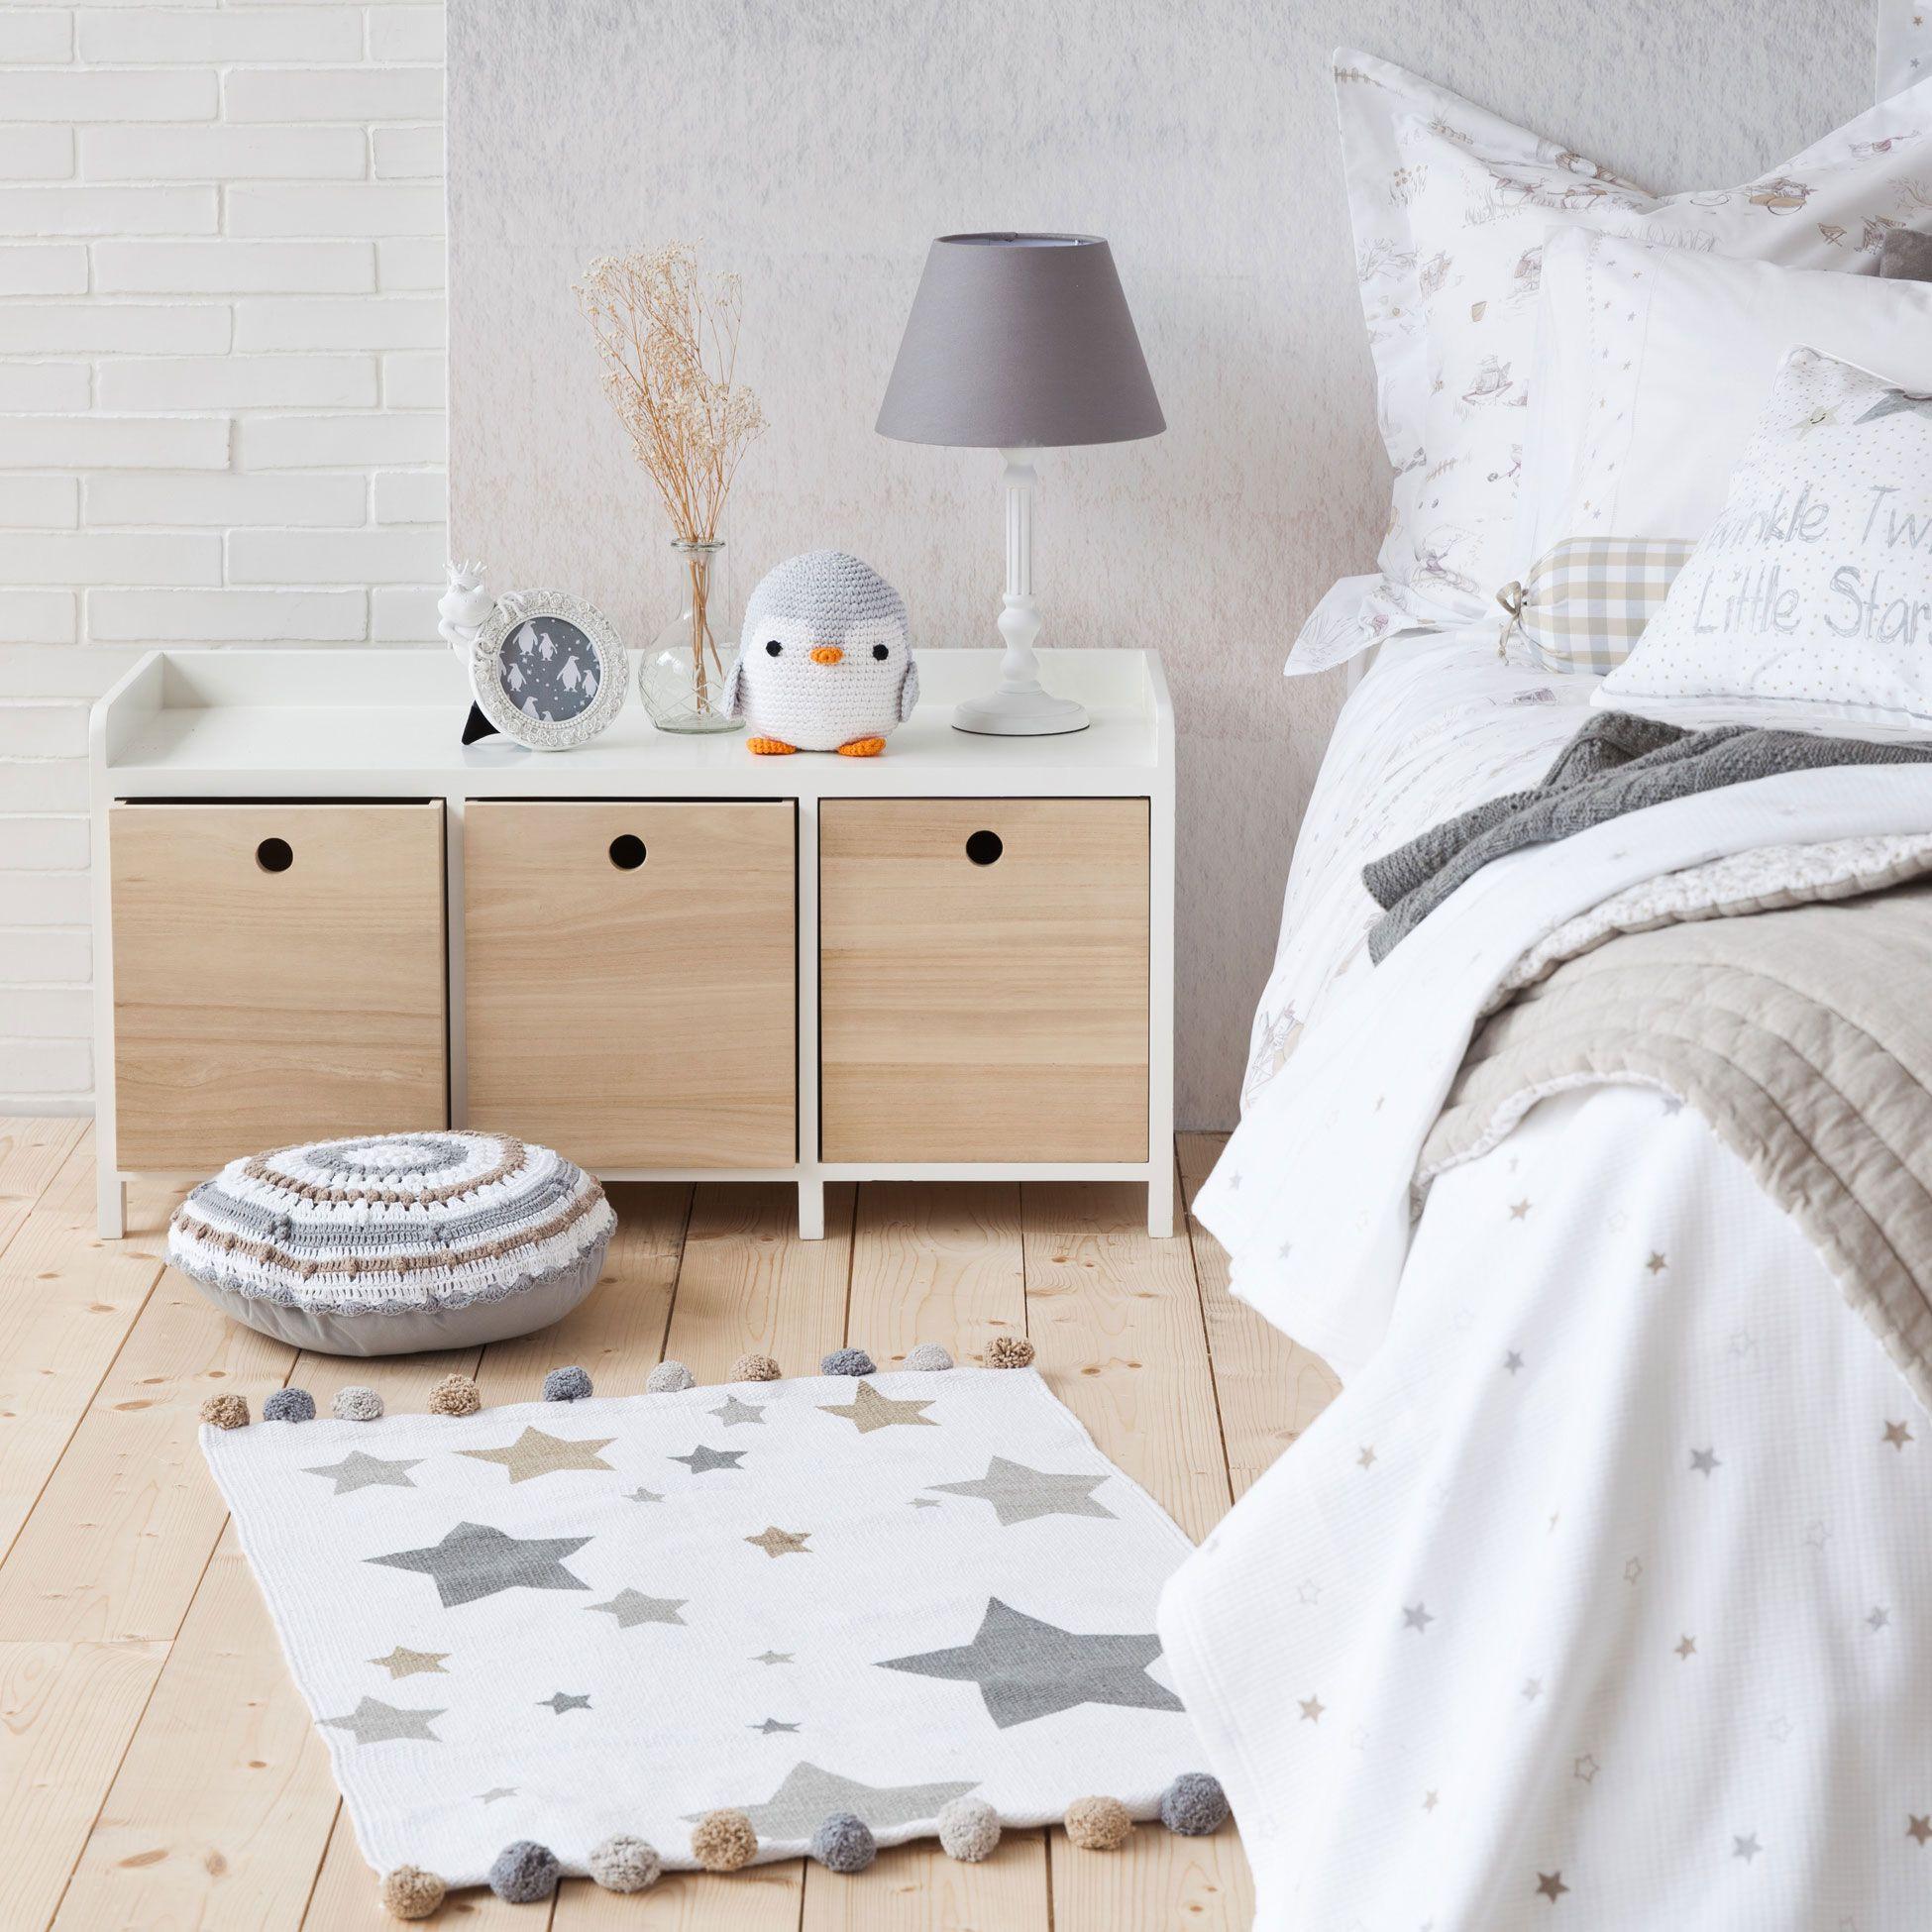 Zara home - Colores blanco, gris, madera. Pingüino decoración ...